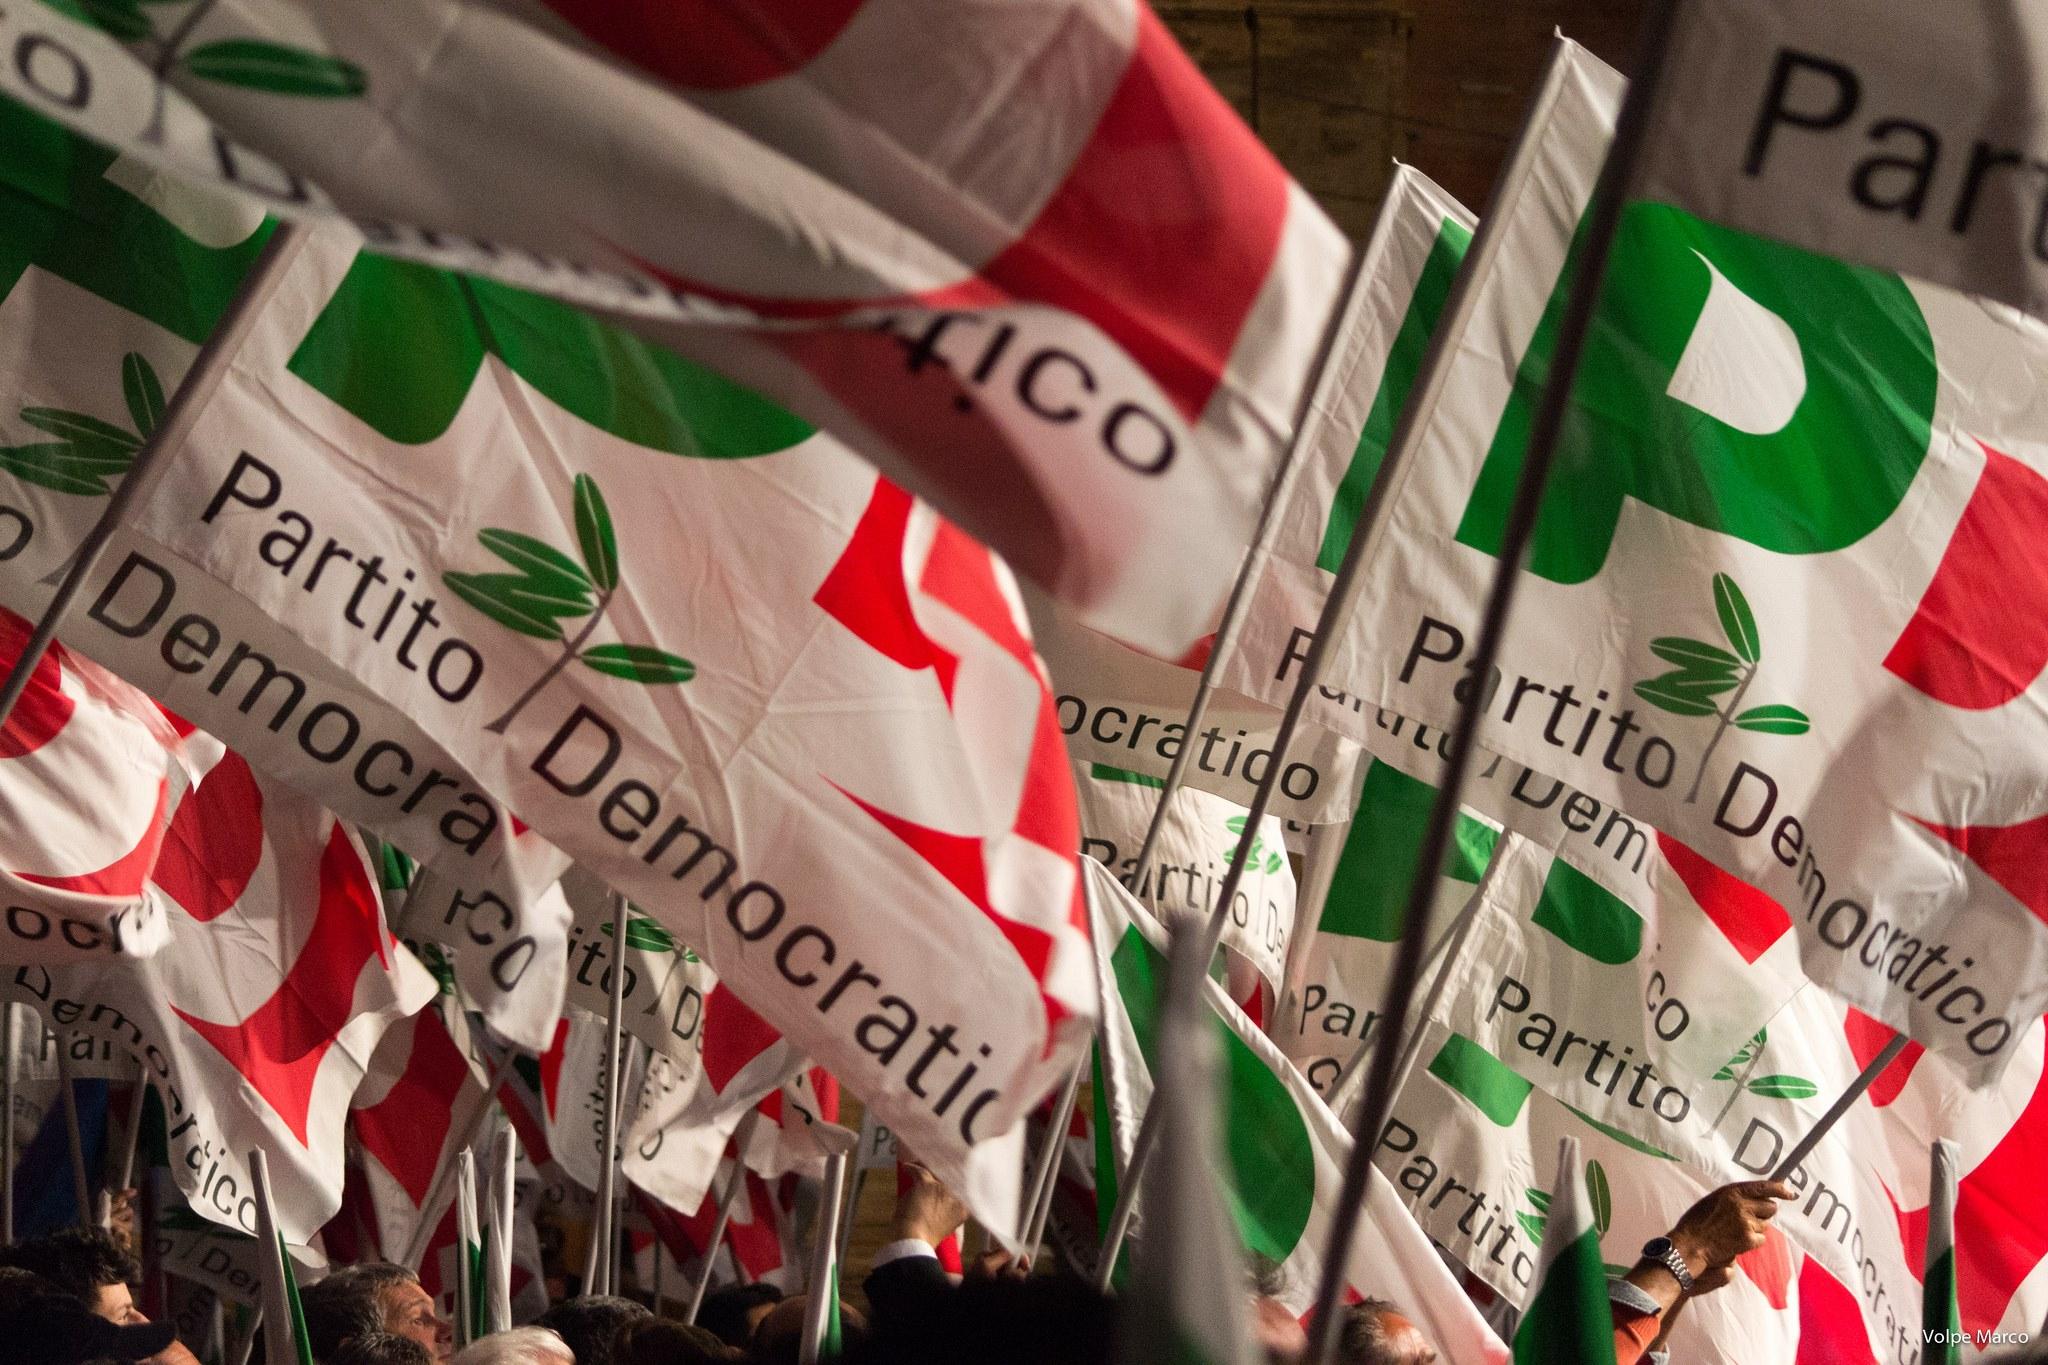 Pd valsamoggia unione comunale for Lista politici italiani